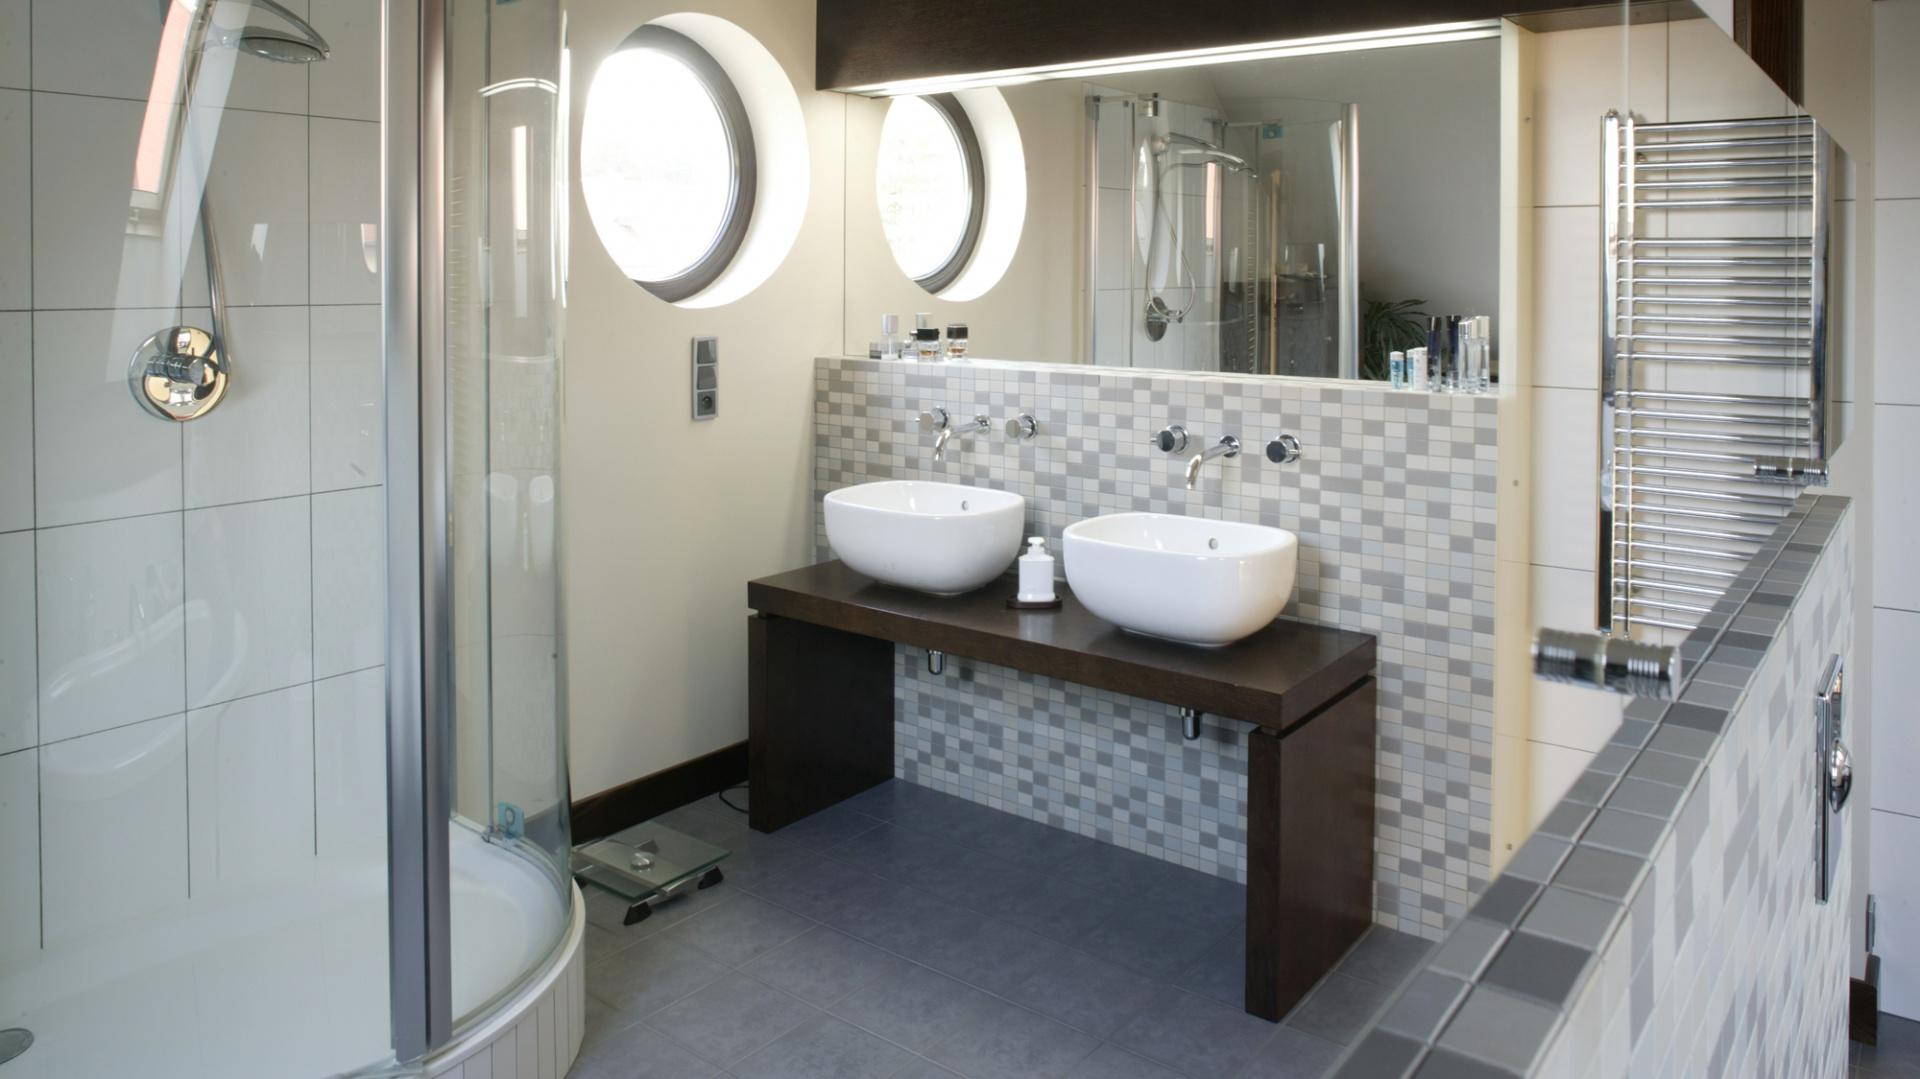 Długie rzędy szafek z ciemnego drewna nad umywalkowym lustrem oraz z lustrzanymi frontami sedesem i bidetem pozwalają uniknąć nagromadzenia kosmetyków i toaletowych akcesoriów w eksponowanych miejscach. Fot. Bartosz Jarosz.